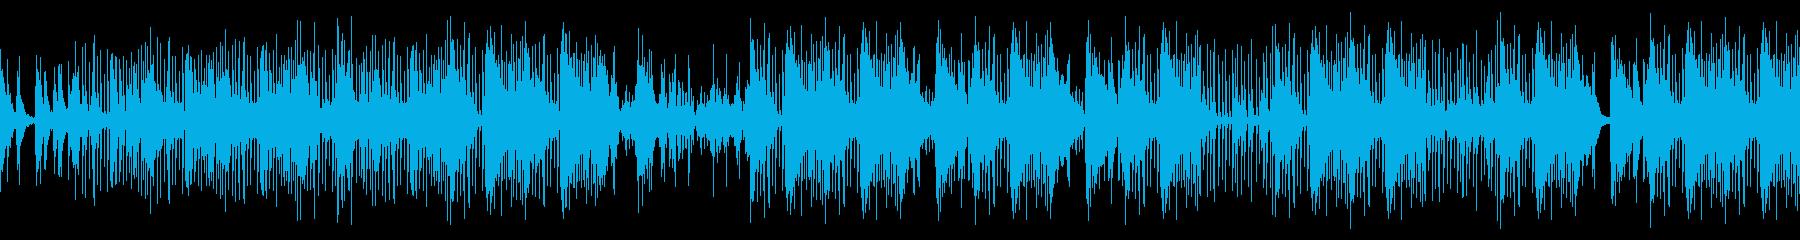 壮大で緊迫感のあるシネマティック打楽器の再生済みの波形